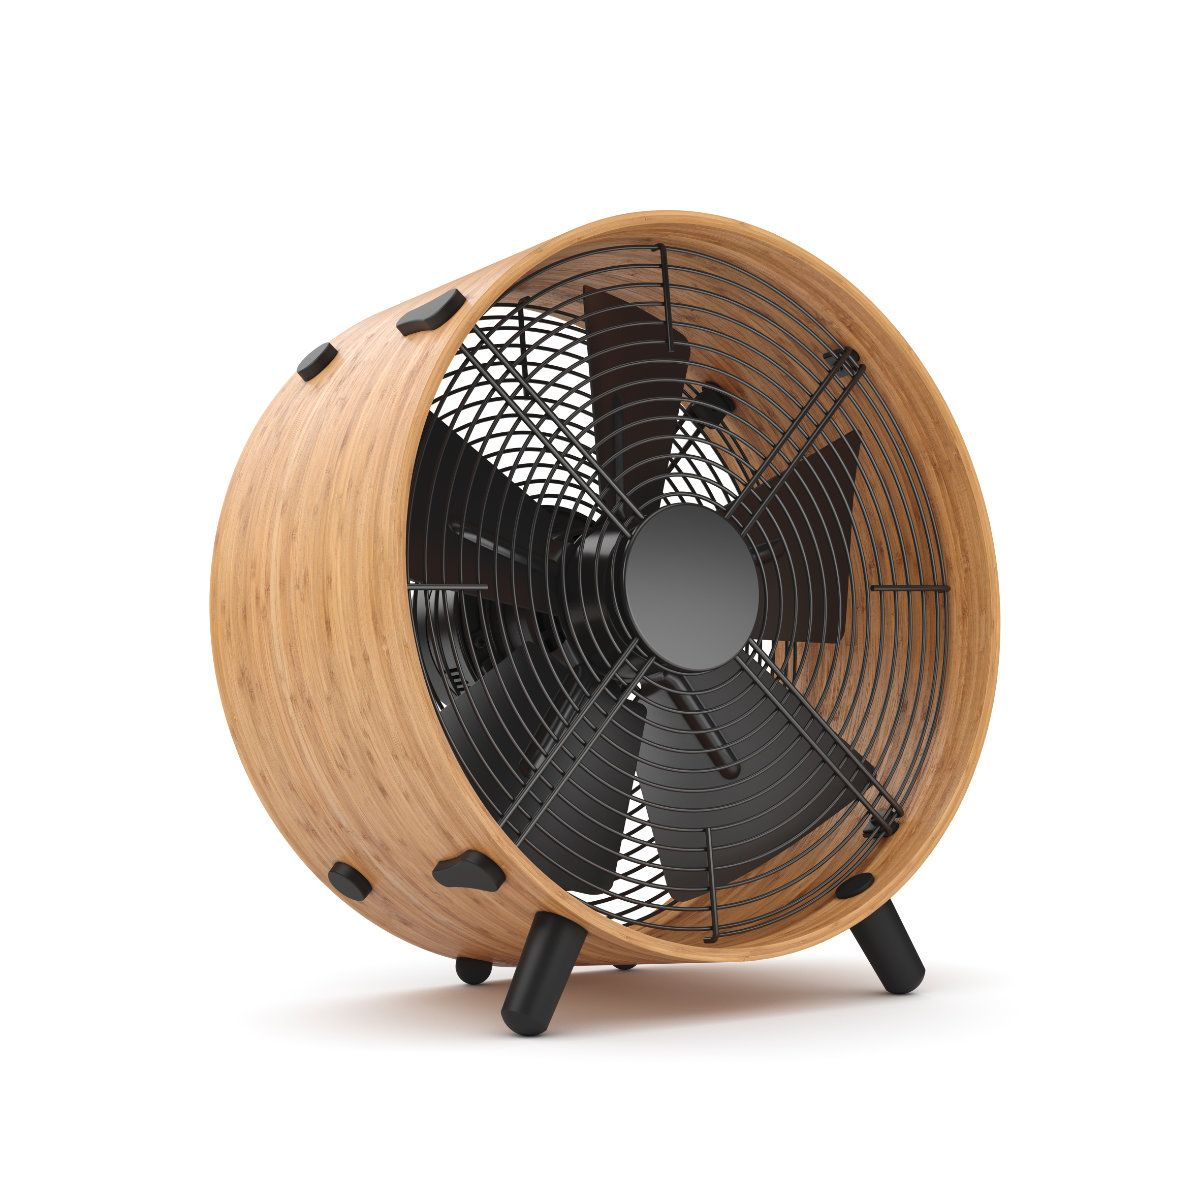 Ventilator Otto bamboo